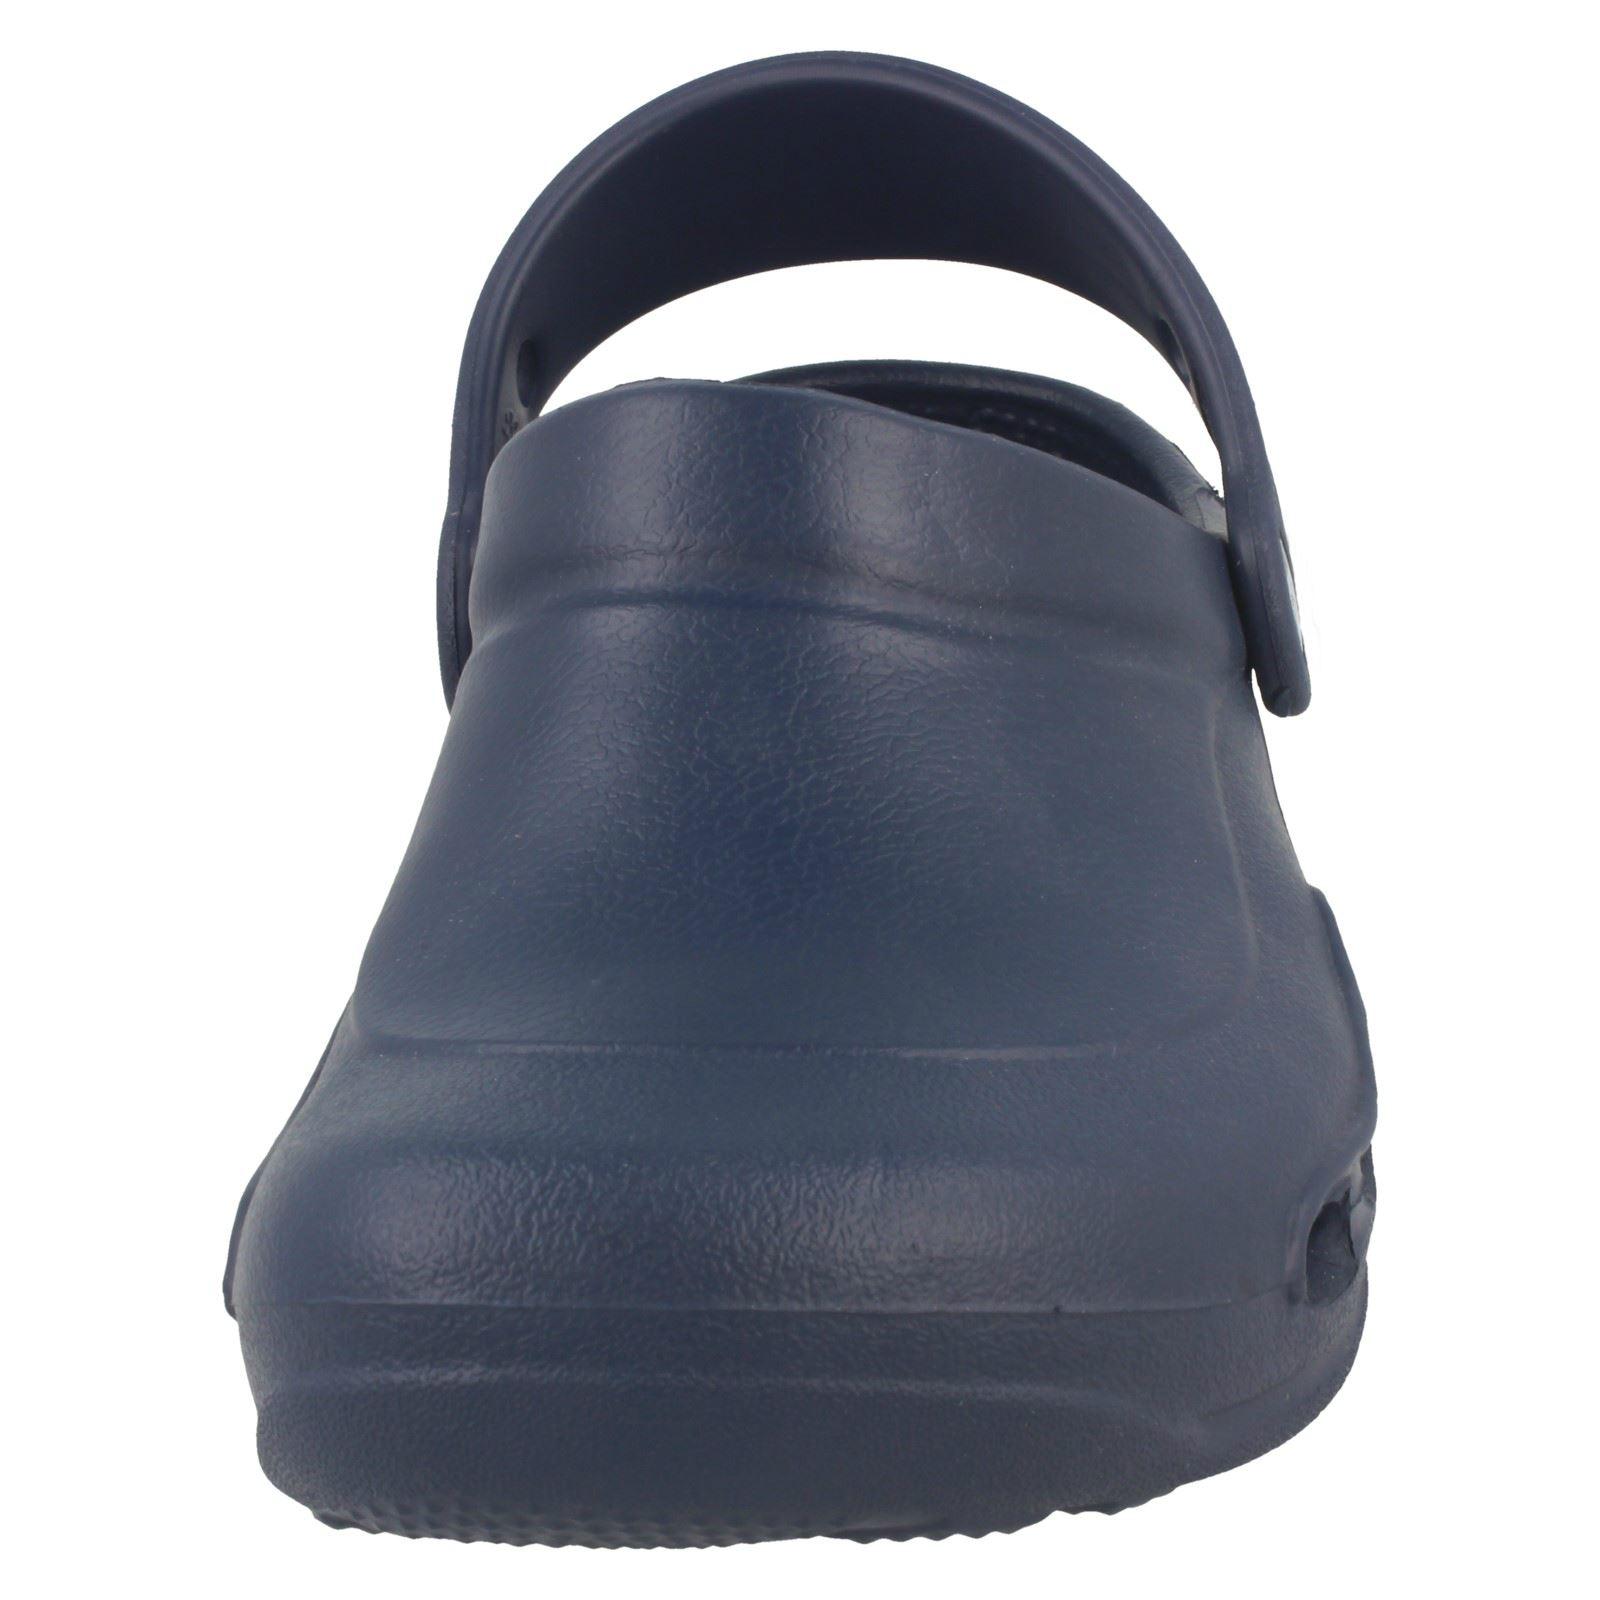 Unisex-Crocs-Beach-Shoes-039-Fuse-Vent-039